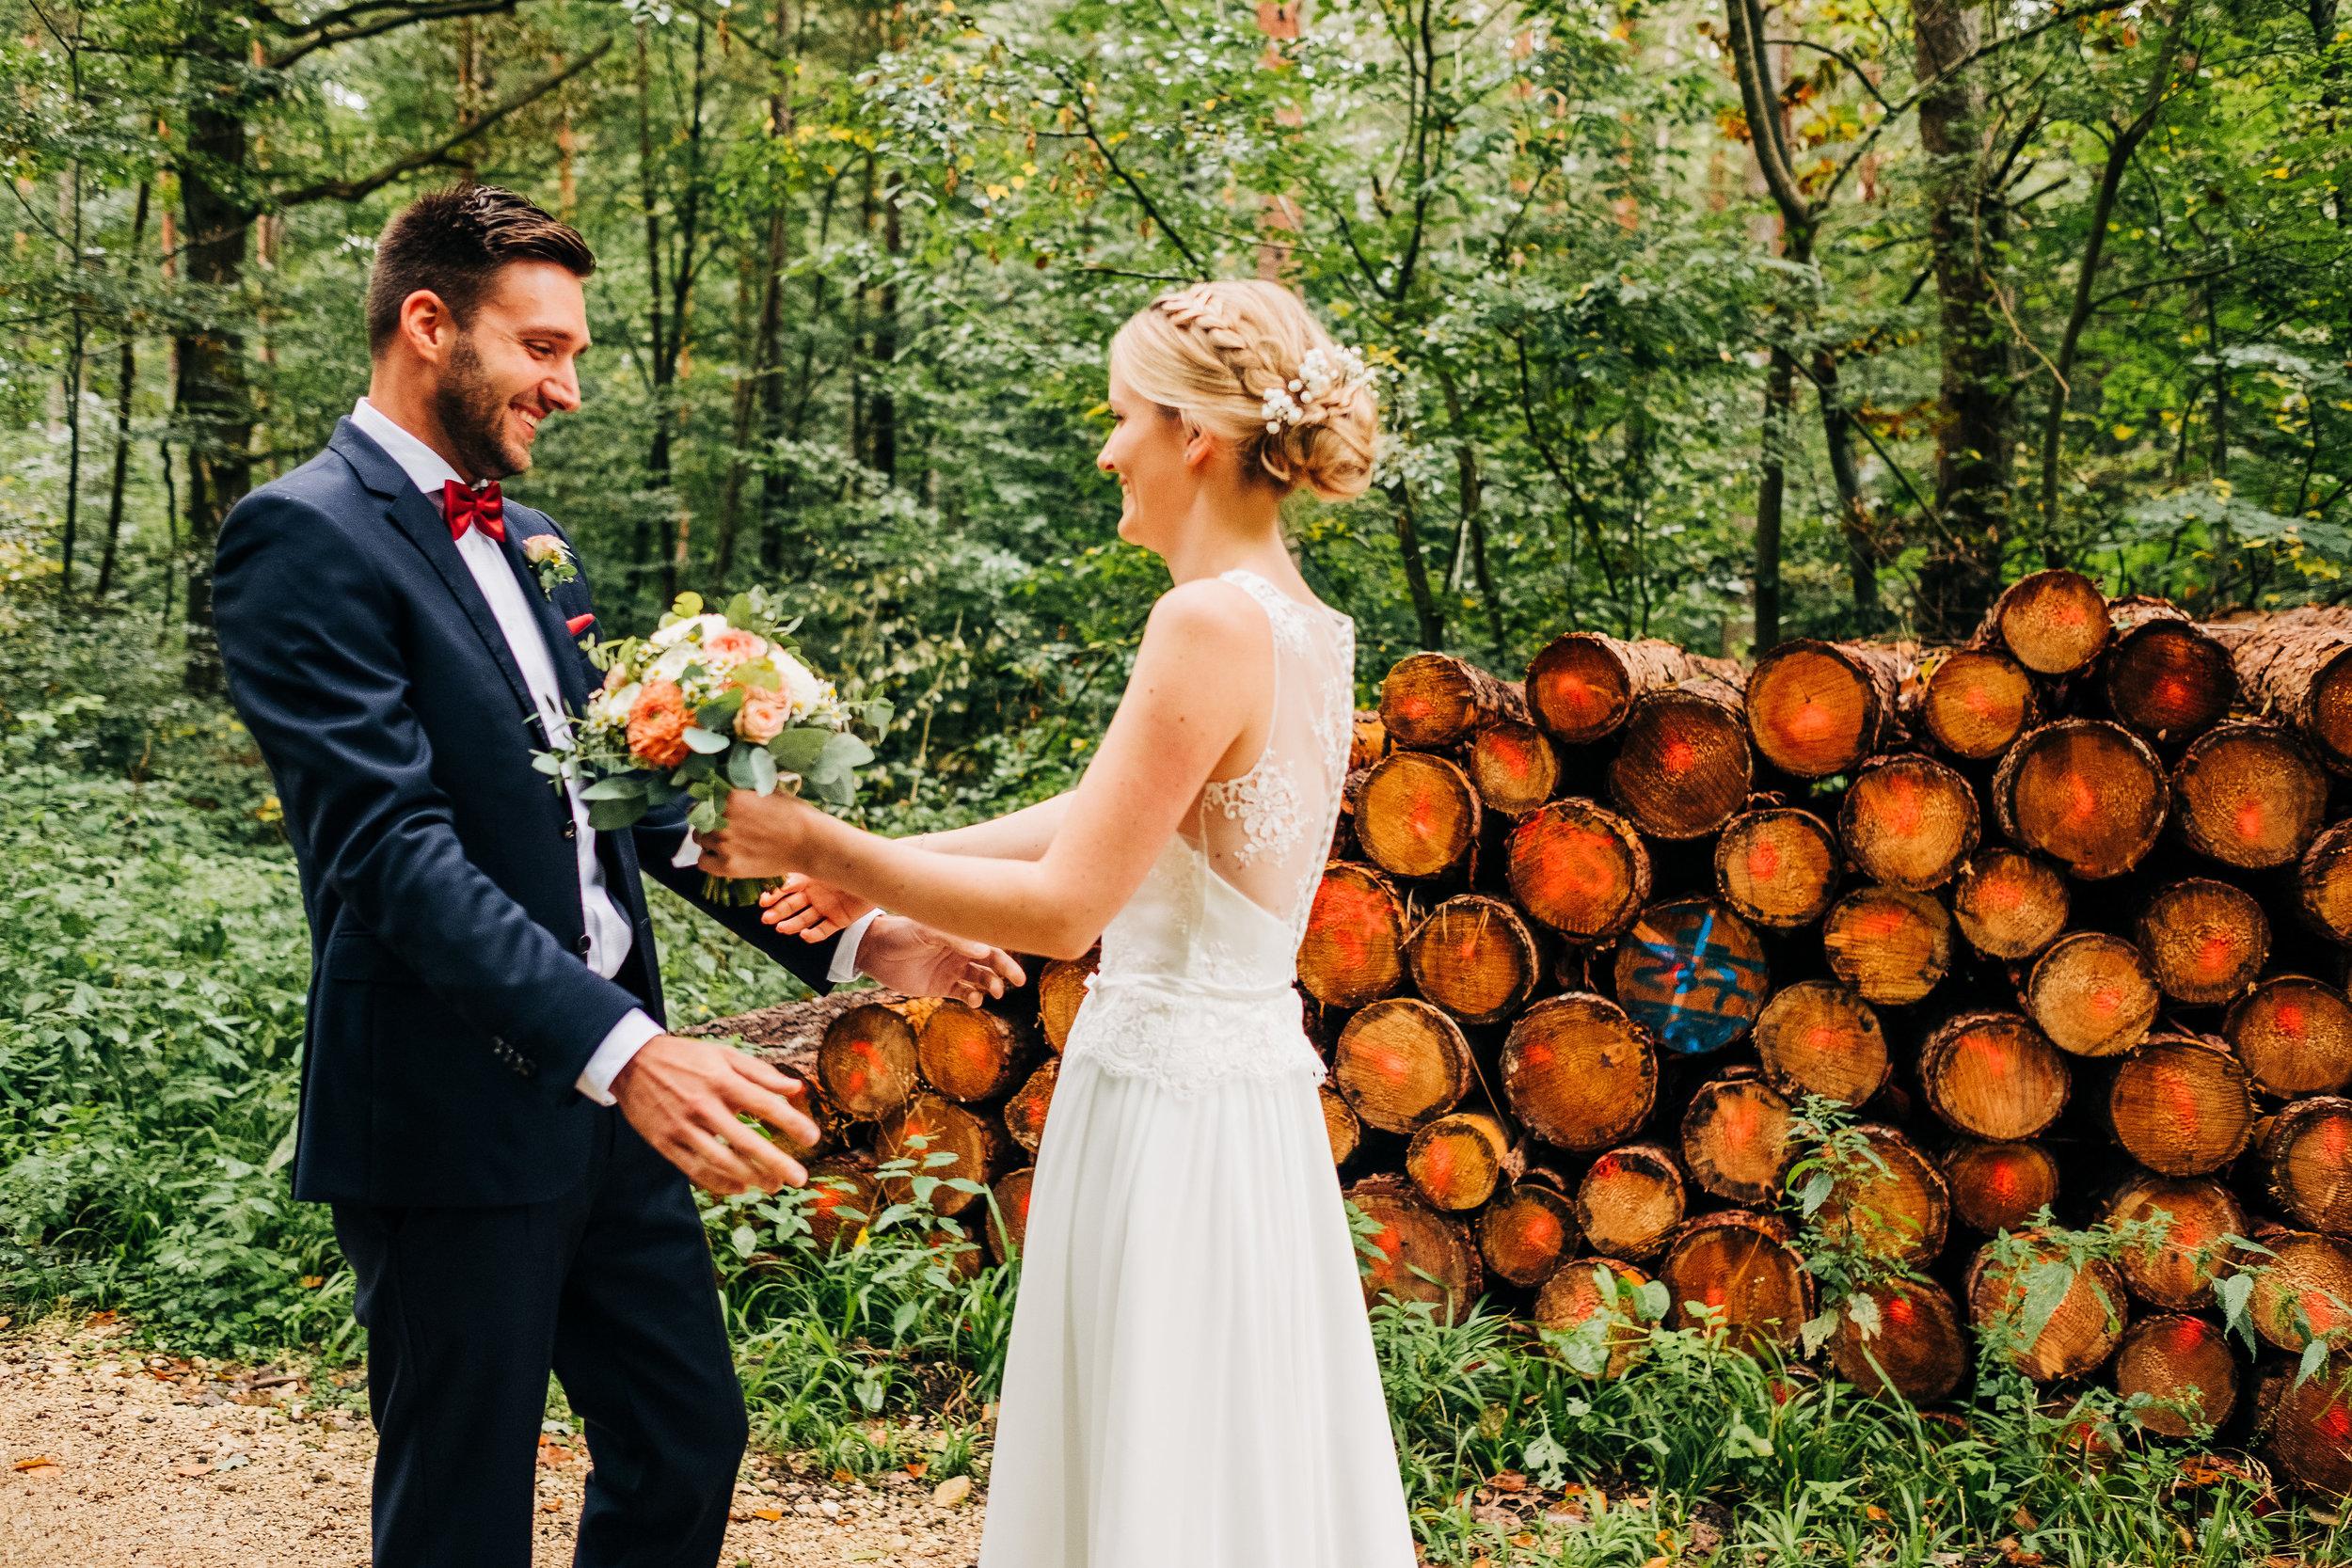 Anna-Hari-Photography-Hochzeitsfotografie-U&H-193.jpg